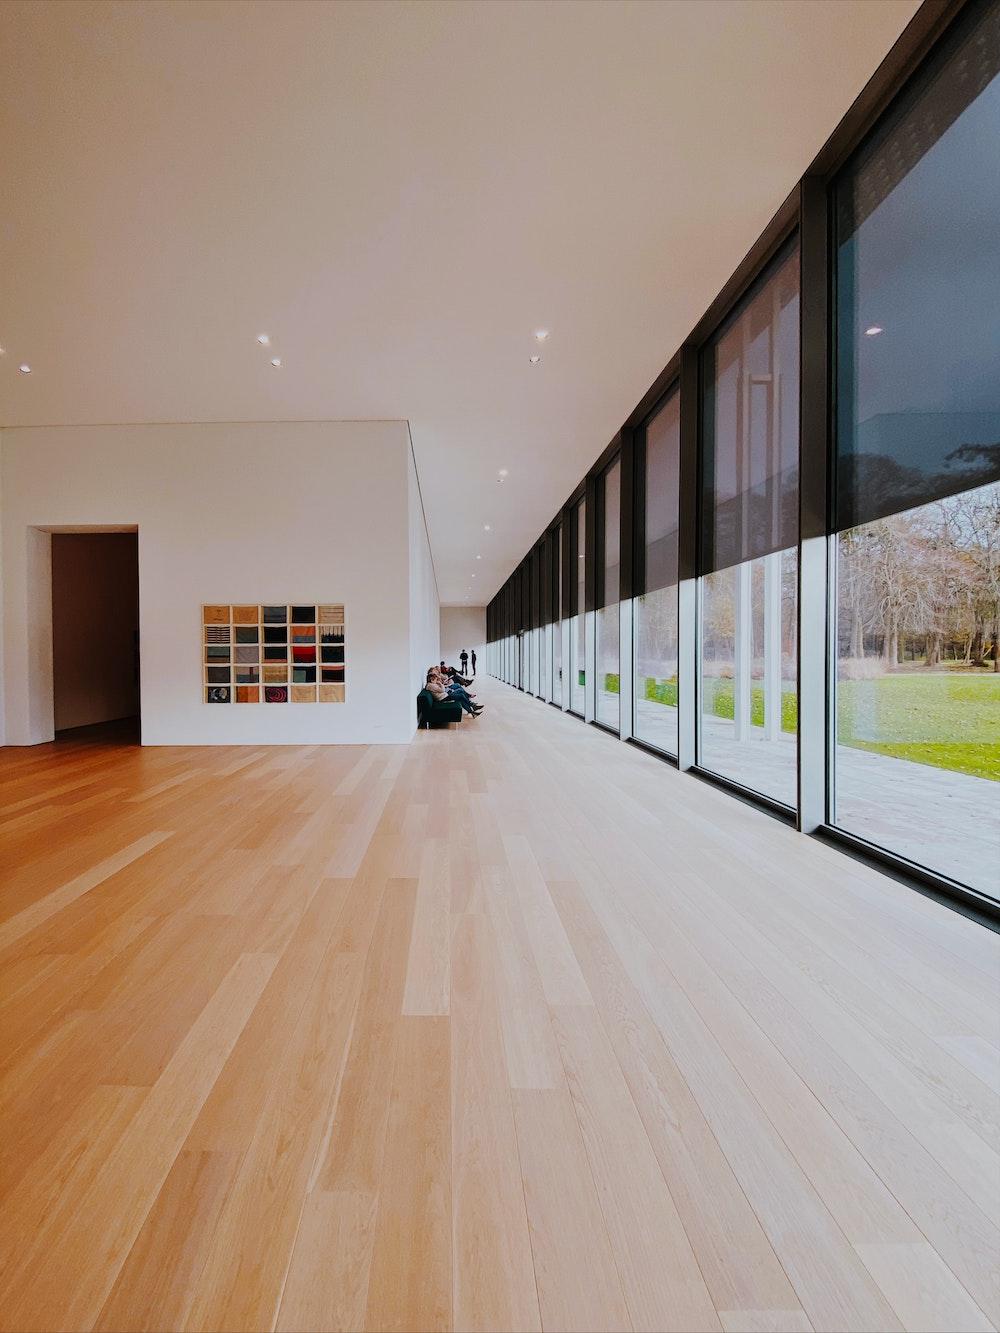 De voordelen van een pvc-vloer #pvcvloer #vloer #interieur #wonen